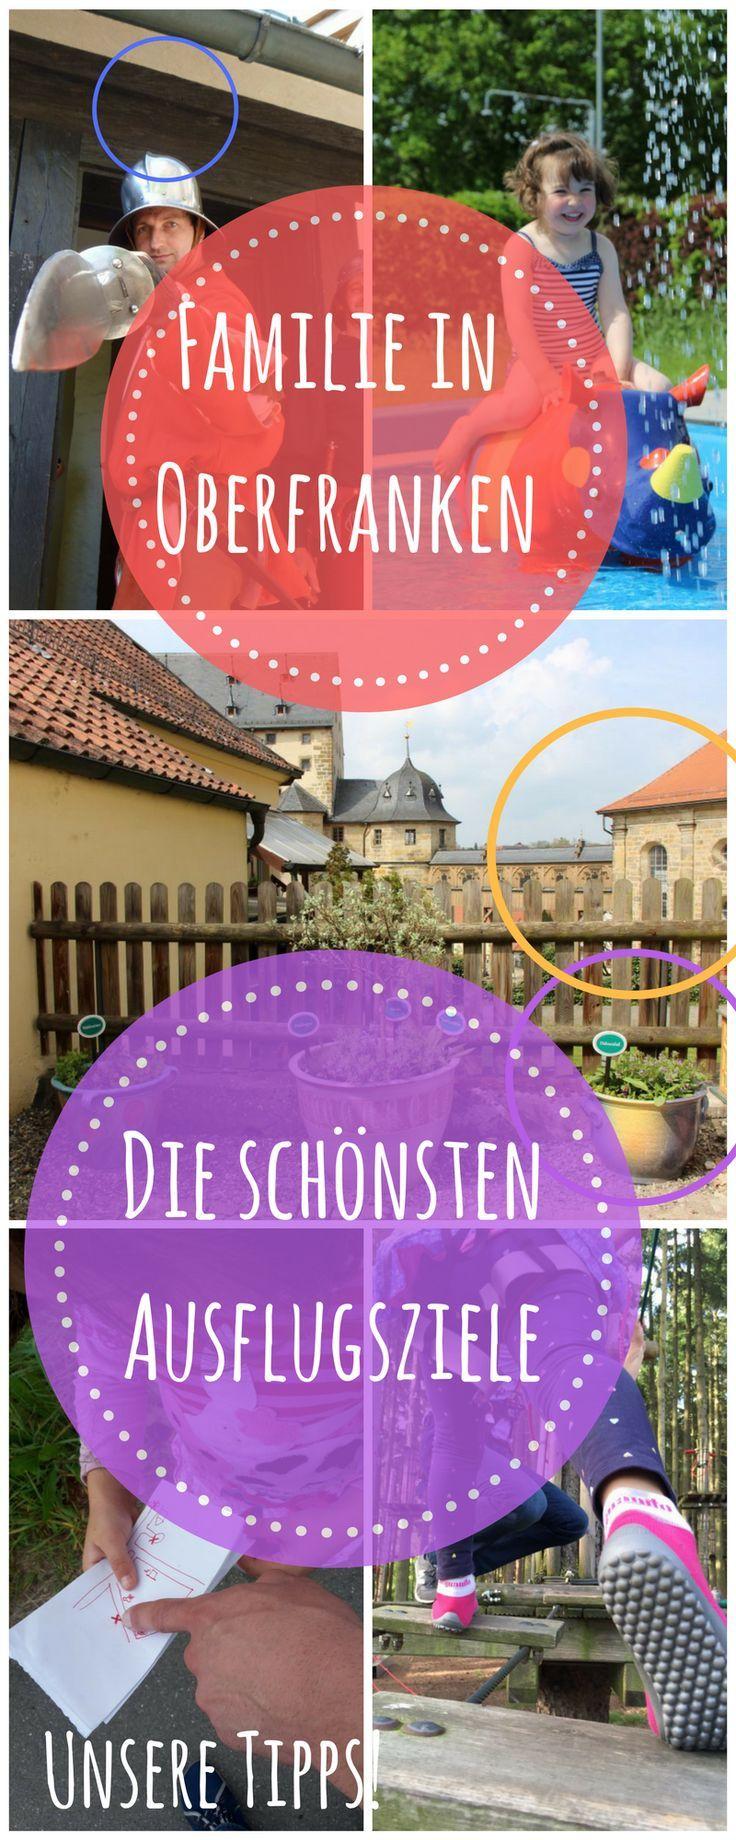 Wunderschöne Ausflugsziele in Oberfranken - speziell für Familien. Kinderleute - Tipps